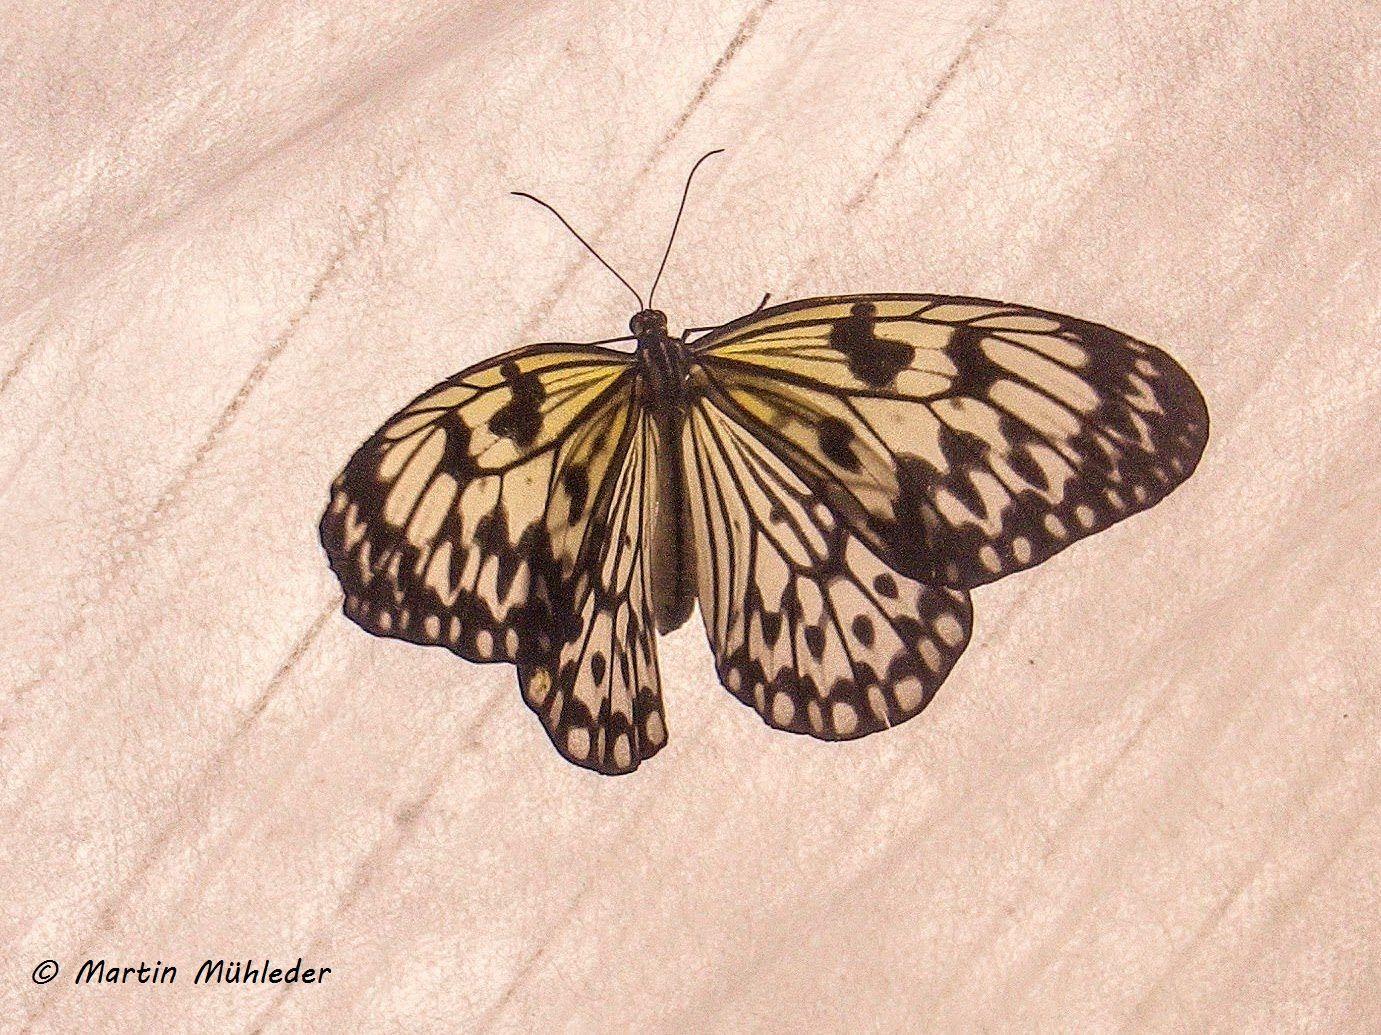 Weisse Baumnymphe Weisser Schmetterling Nymphe Zeichnung